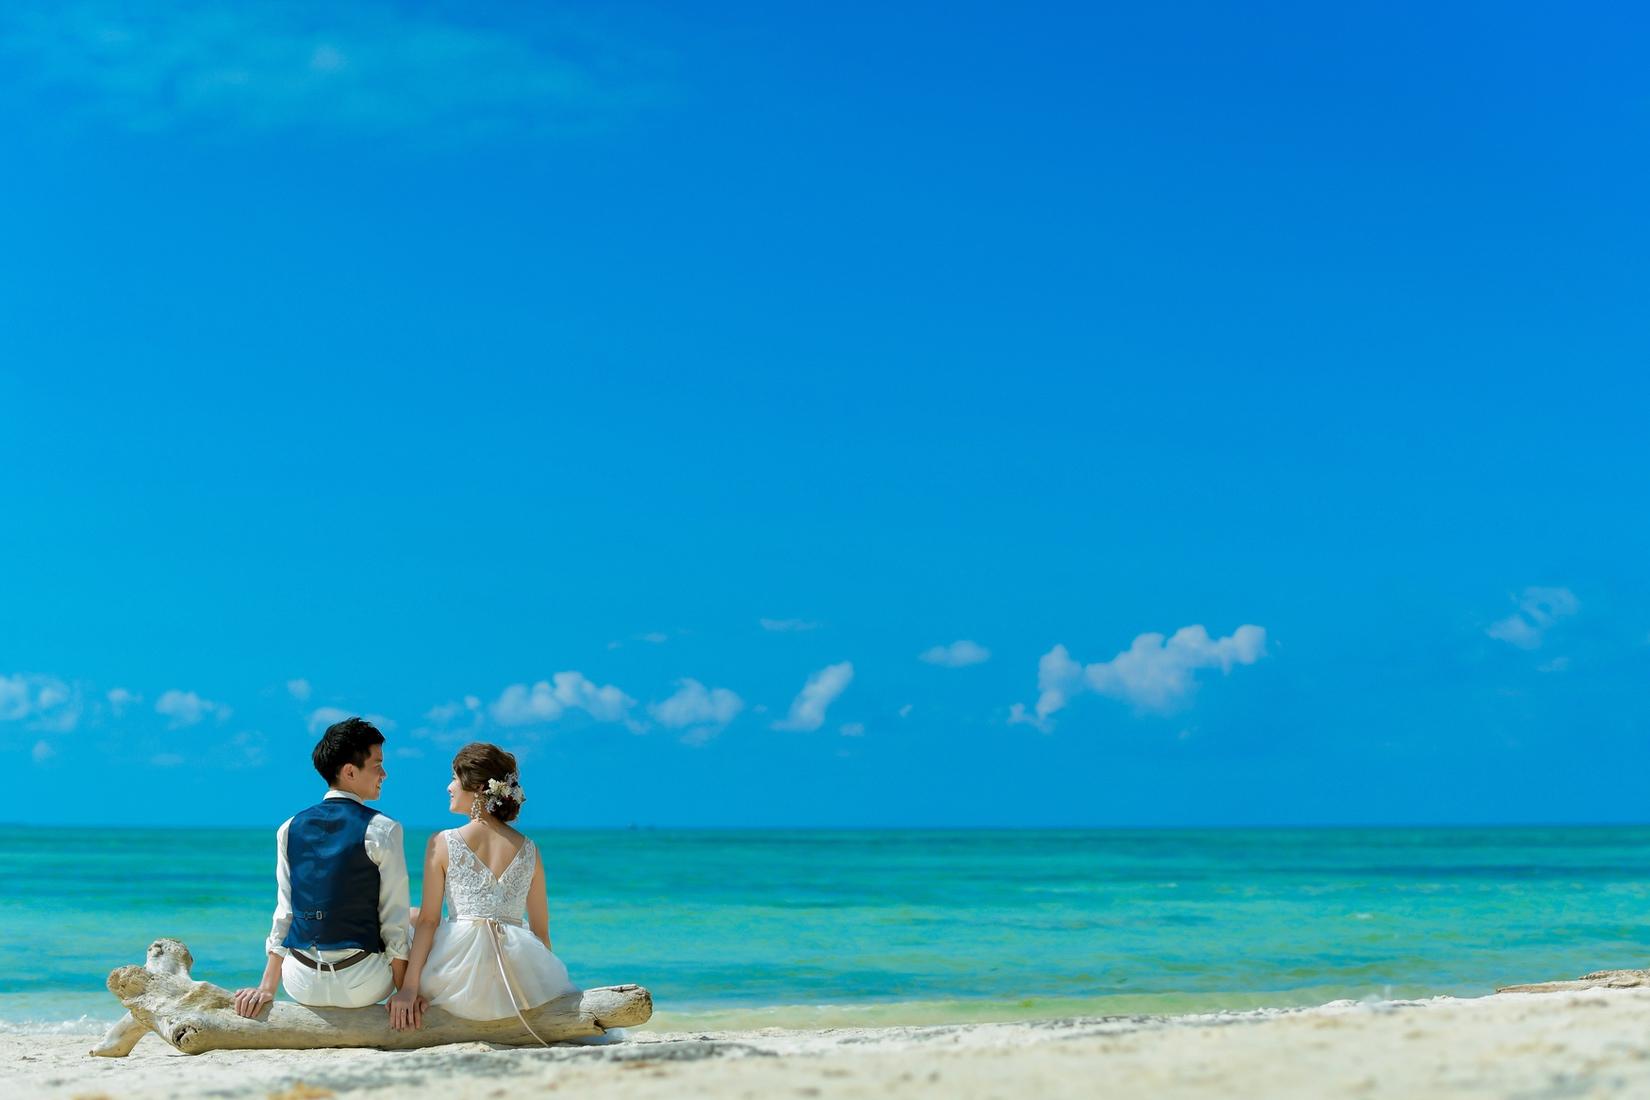 石垣島で前撮り・家族写真